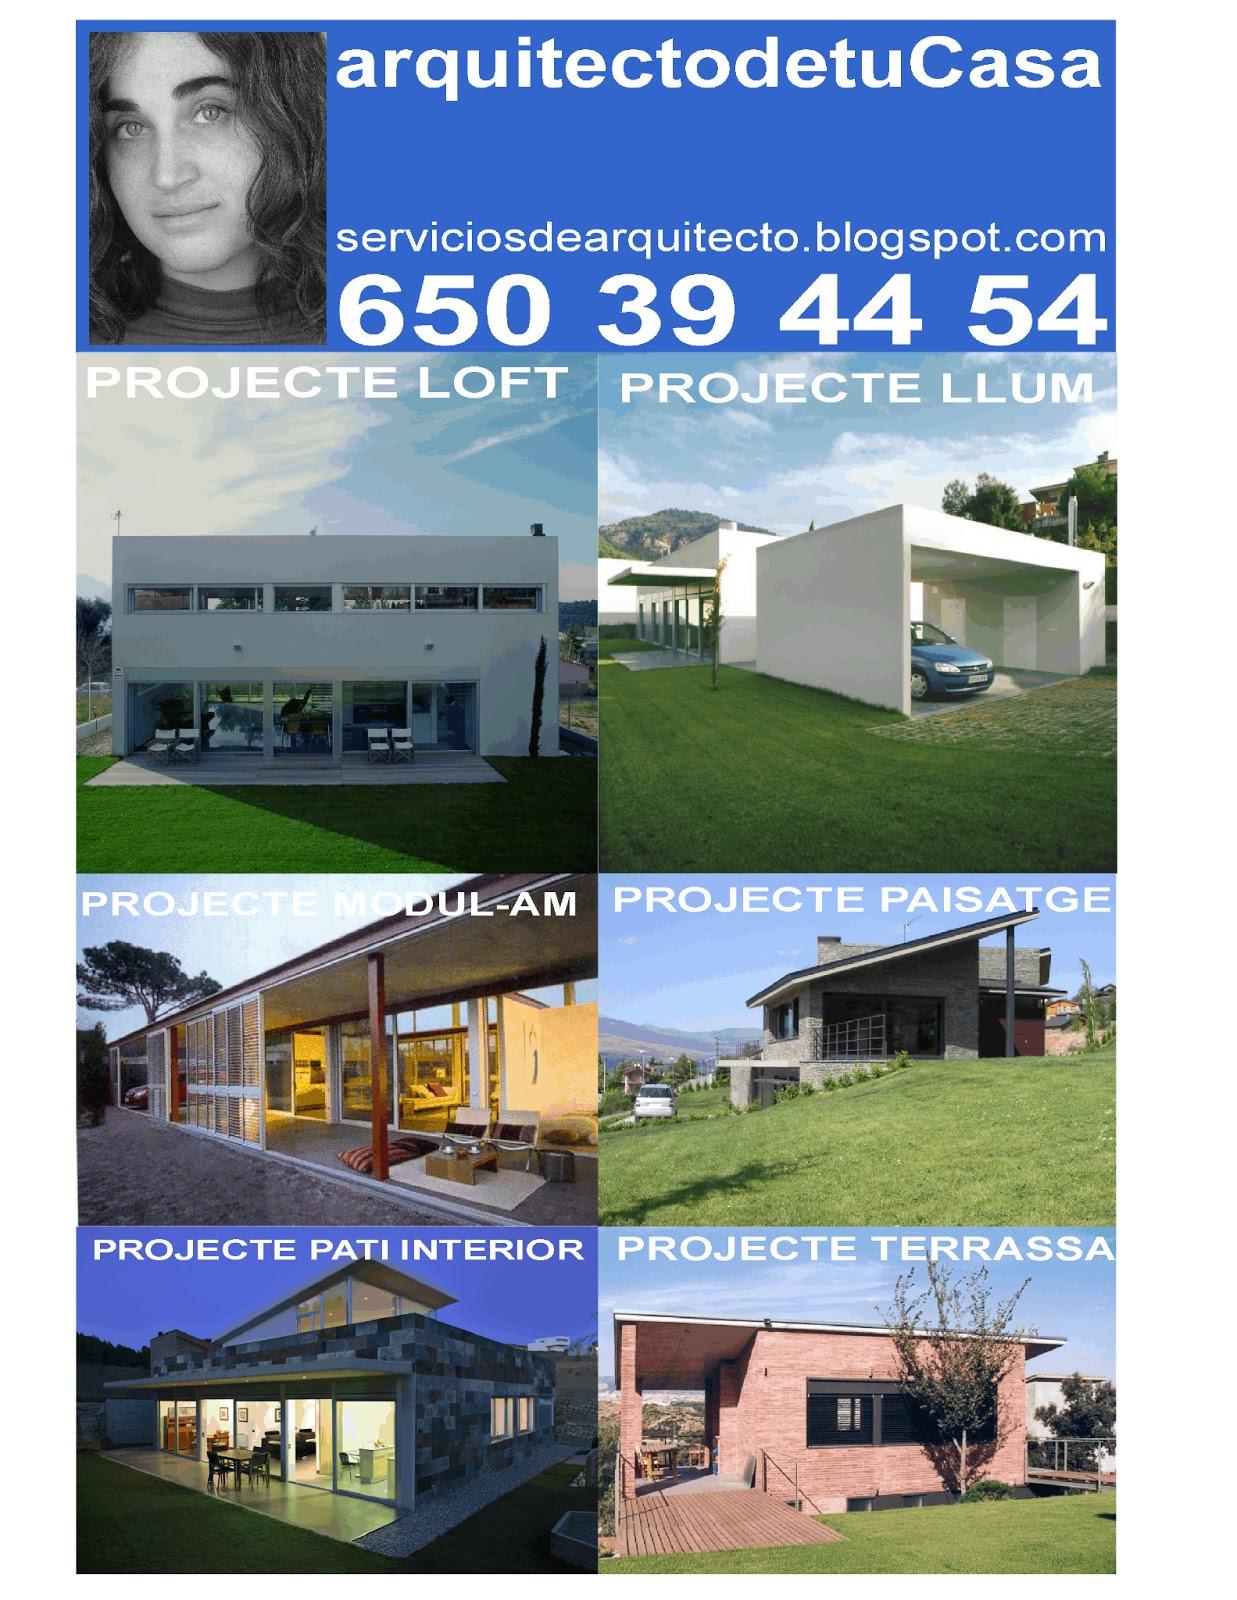 Arquitecto habitatgesautor - Arquitectos terrassa ...